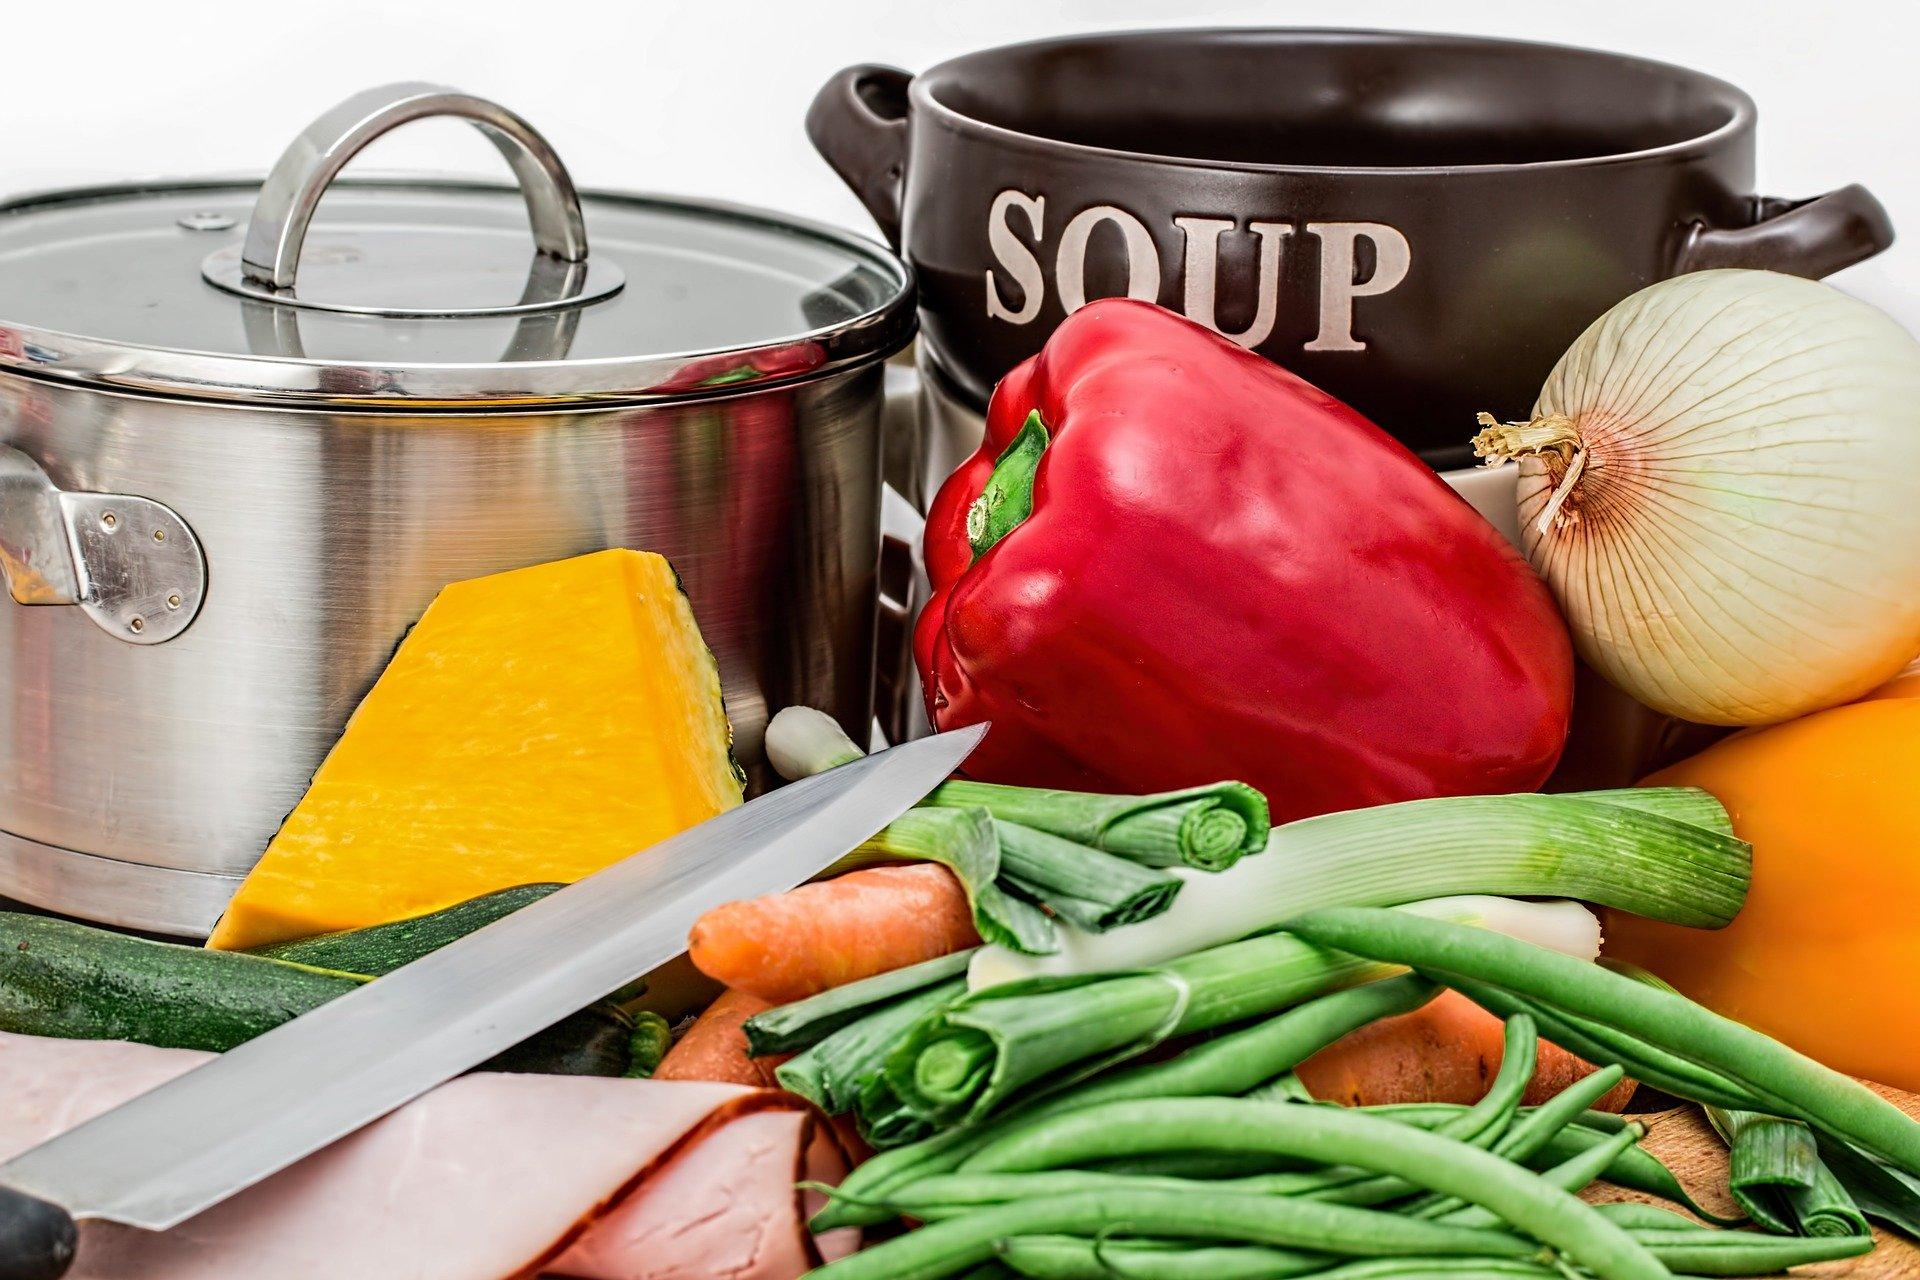 Ingredientes y utensilios para preparar una sopa de verduras